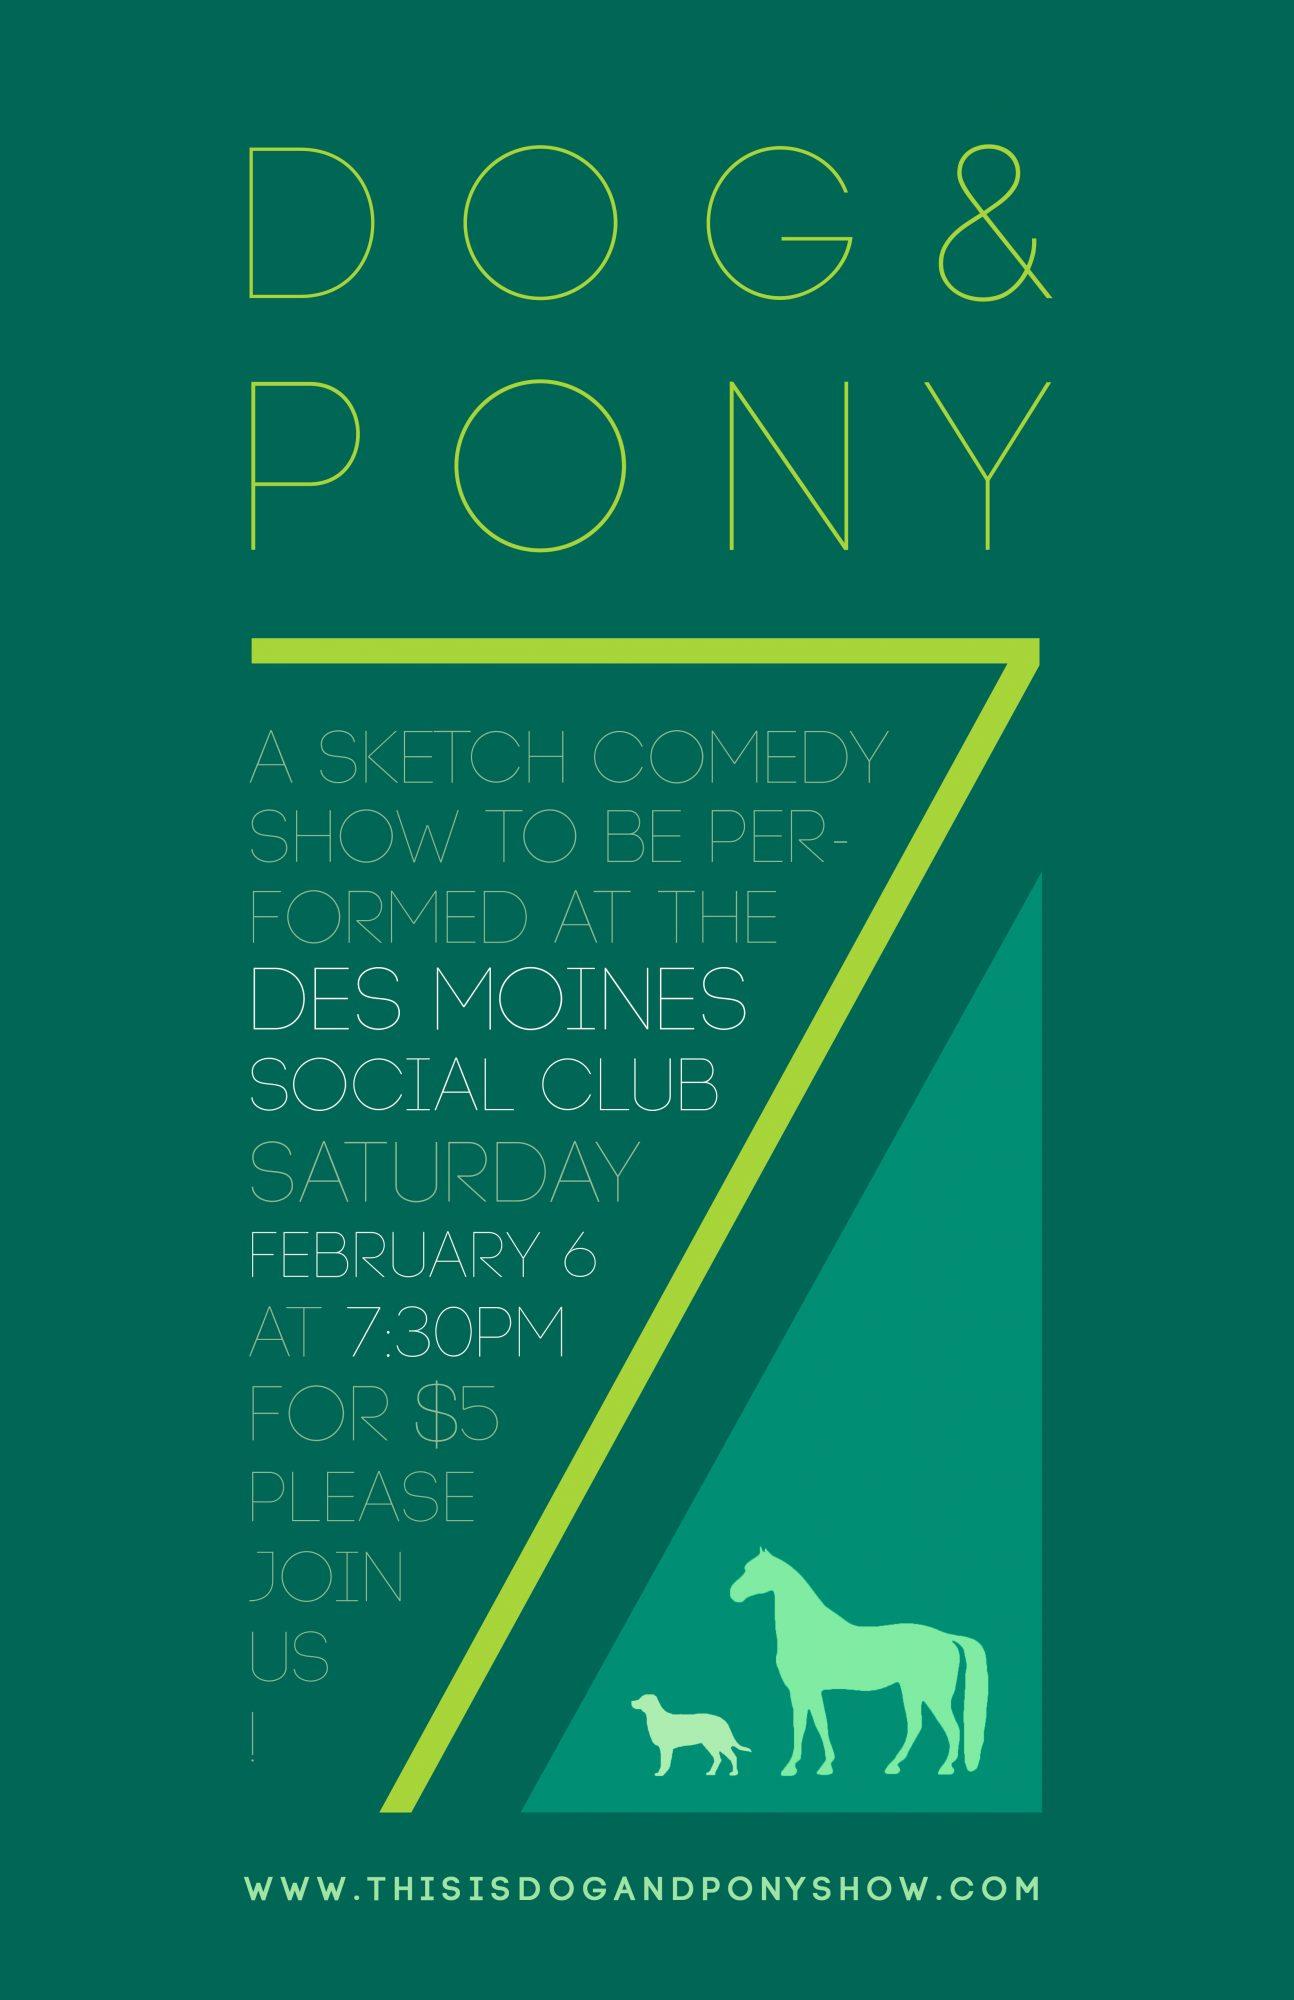 Dog & Pony Show 7